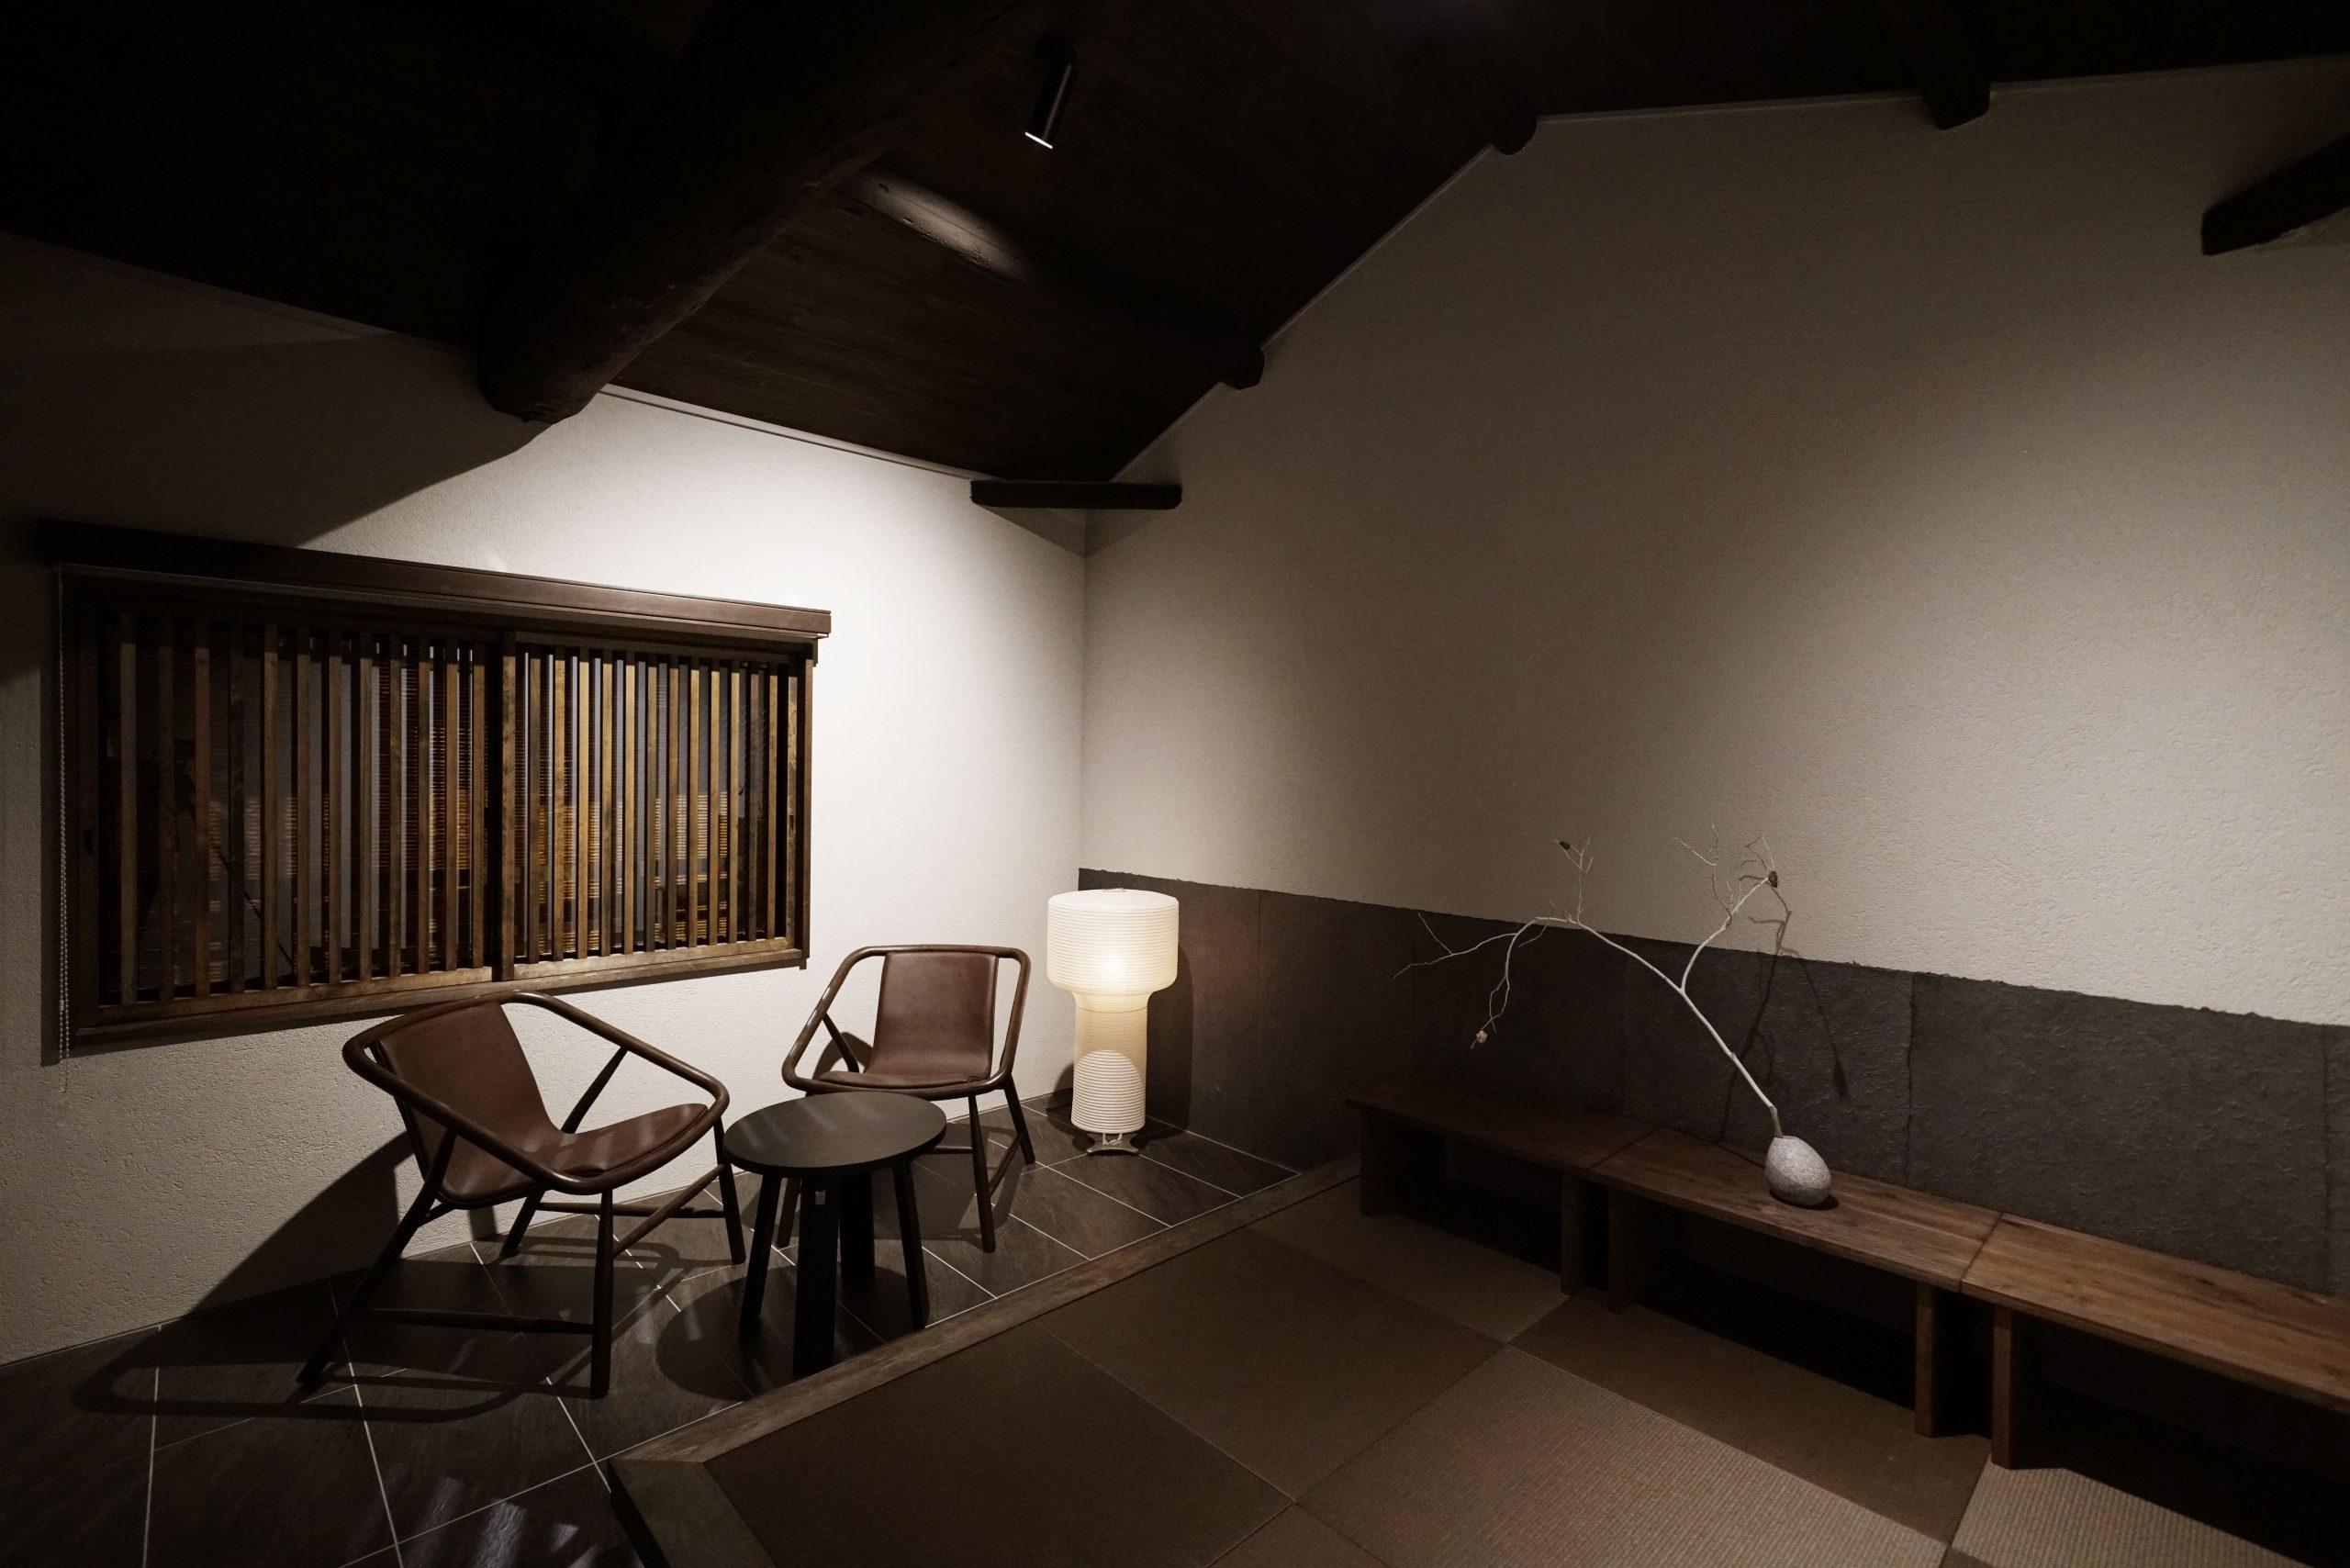 1階のベッドルームと布団を敷くことのできる小上がりの畳を備えた2階で構成されるデラックスタイプの客室「IWA」